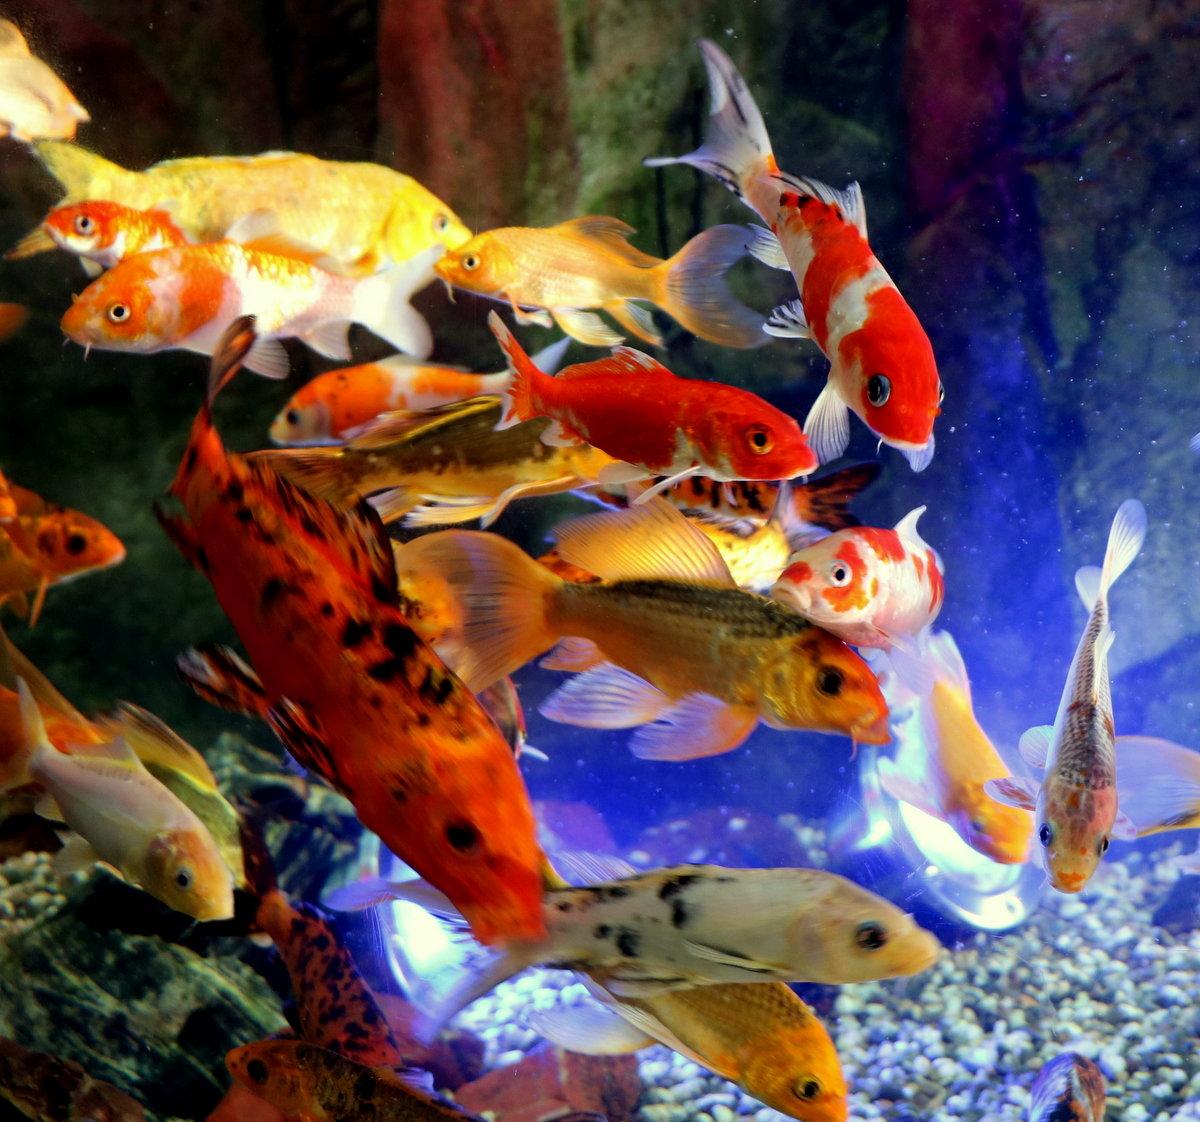 чего картинки всех рыбок в аквариуме войска род войск